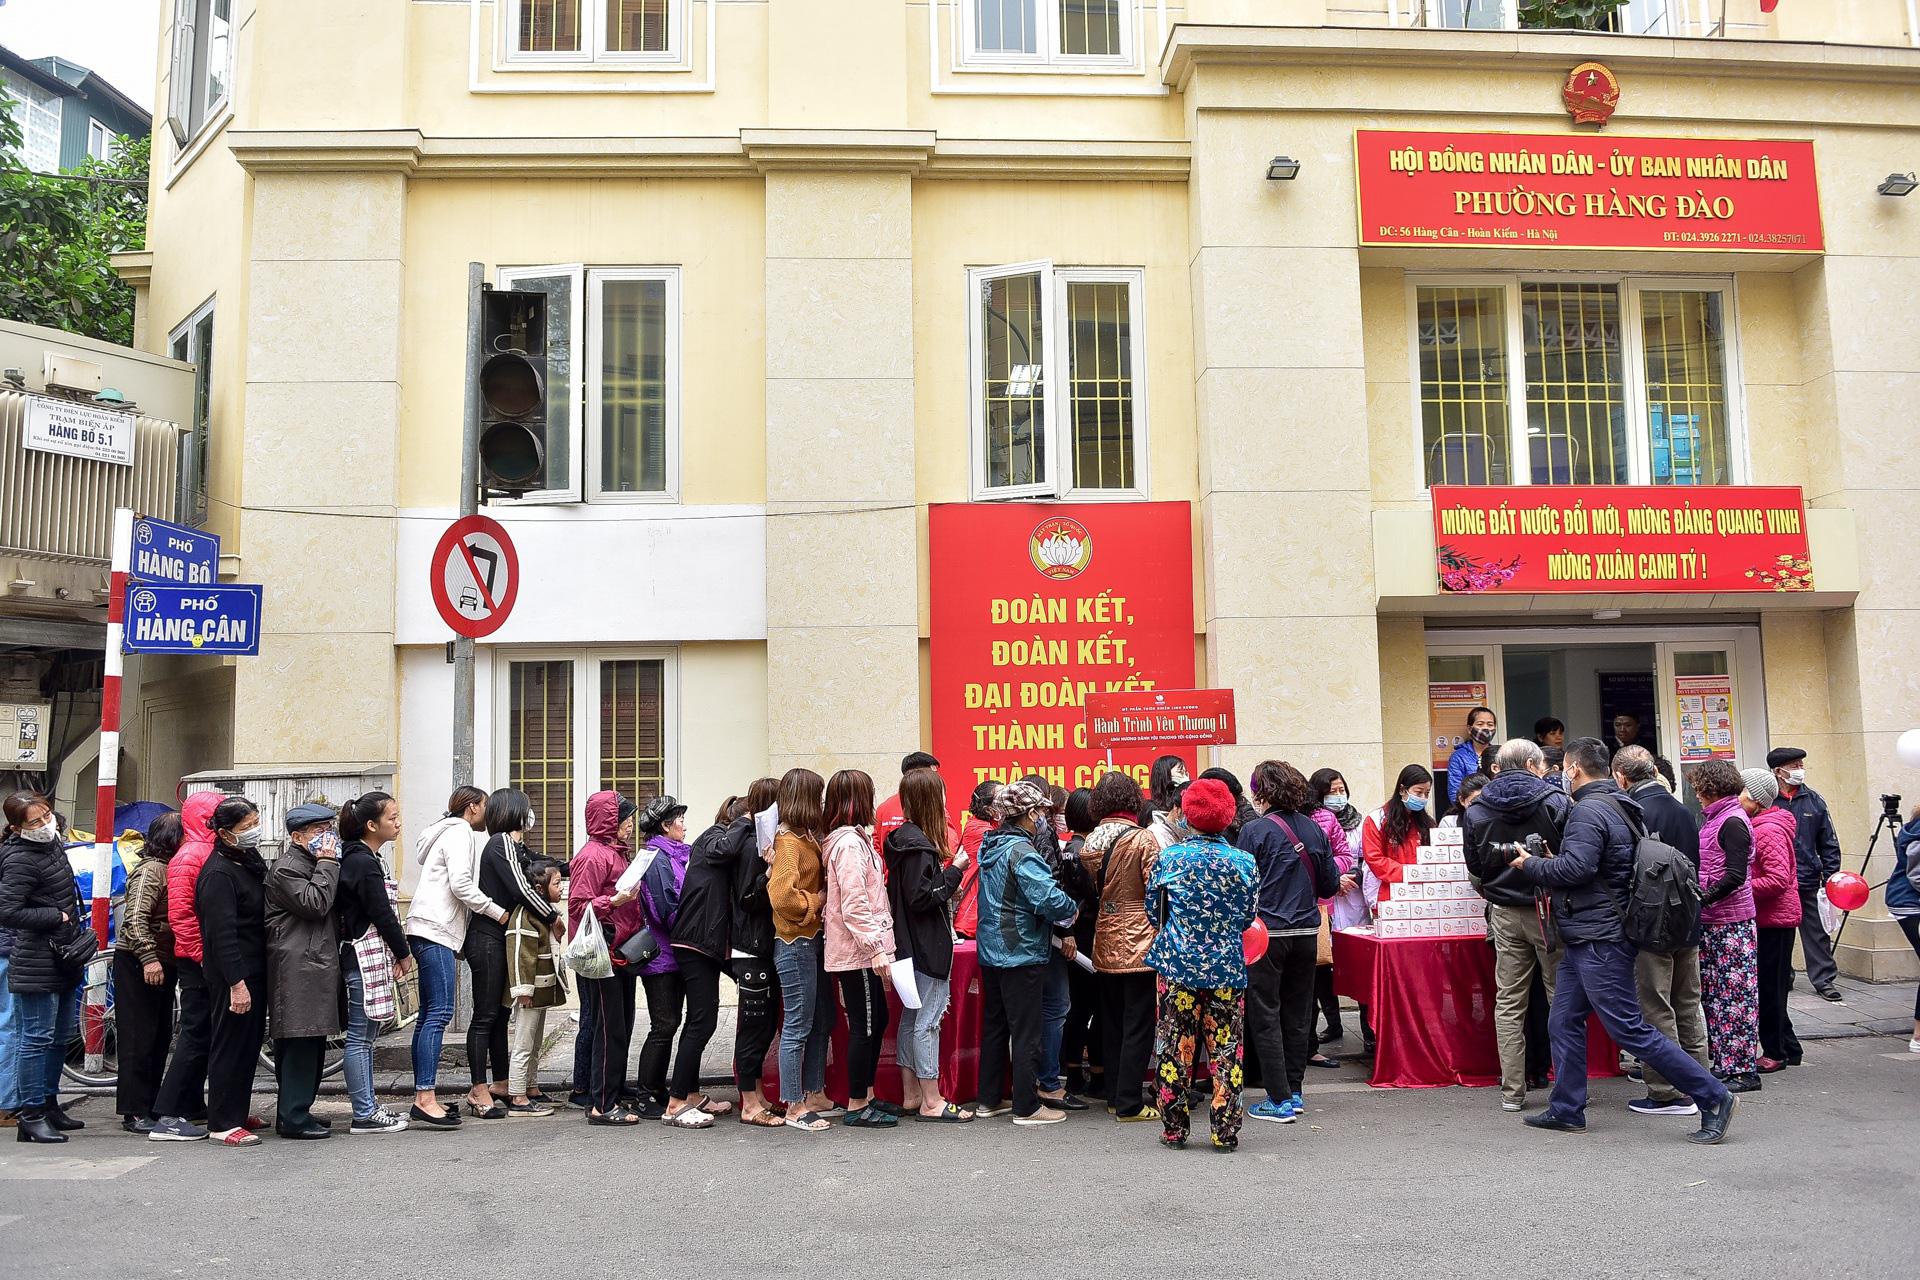 Hà Nội: Người dân xếp hàng dài nhận nước rửa tay miễn phí - Ảnh 2.